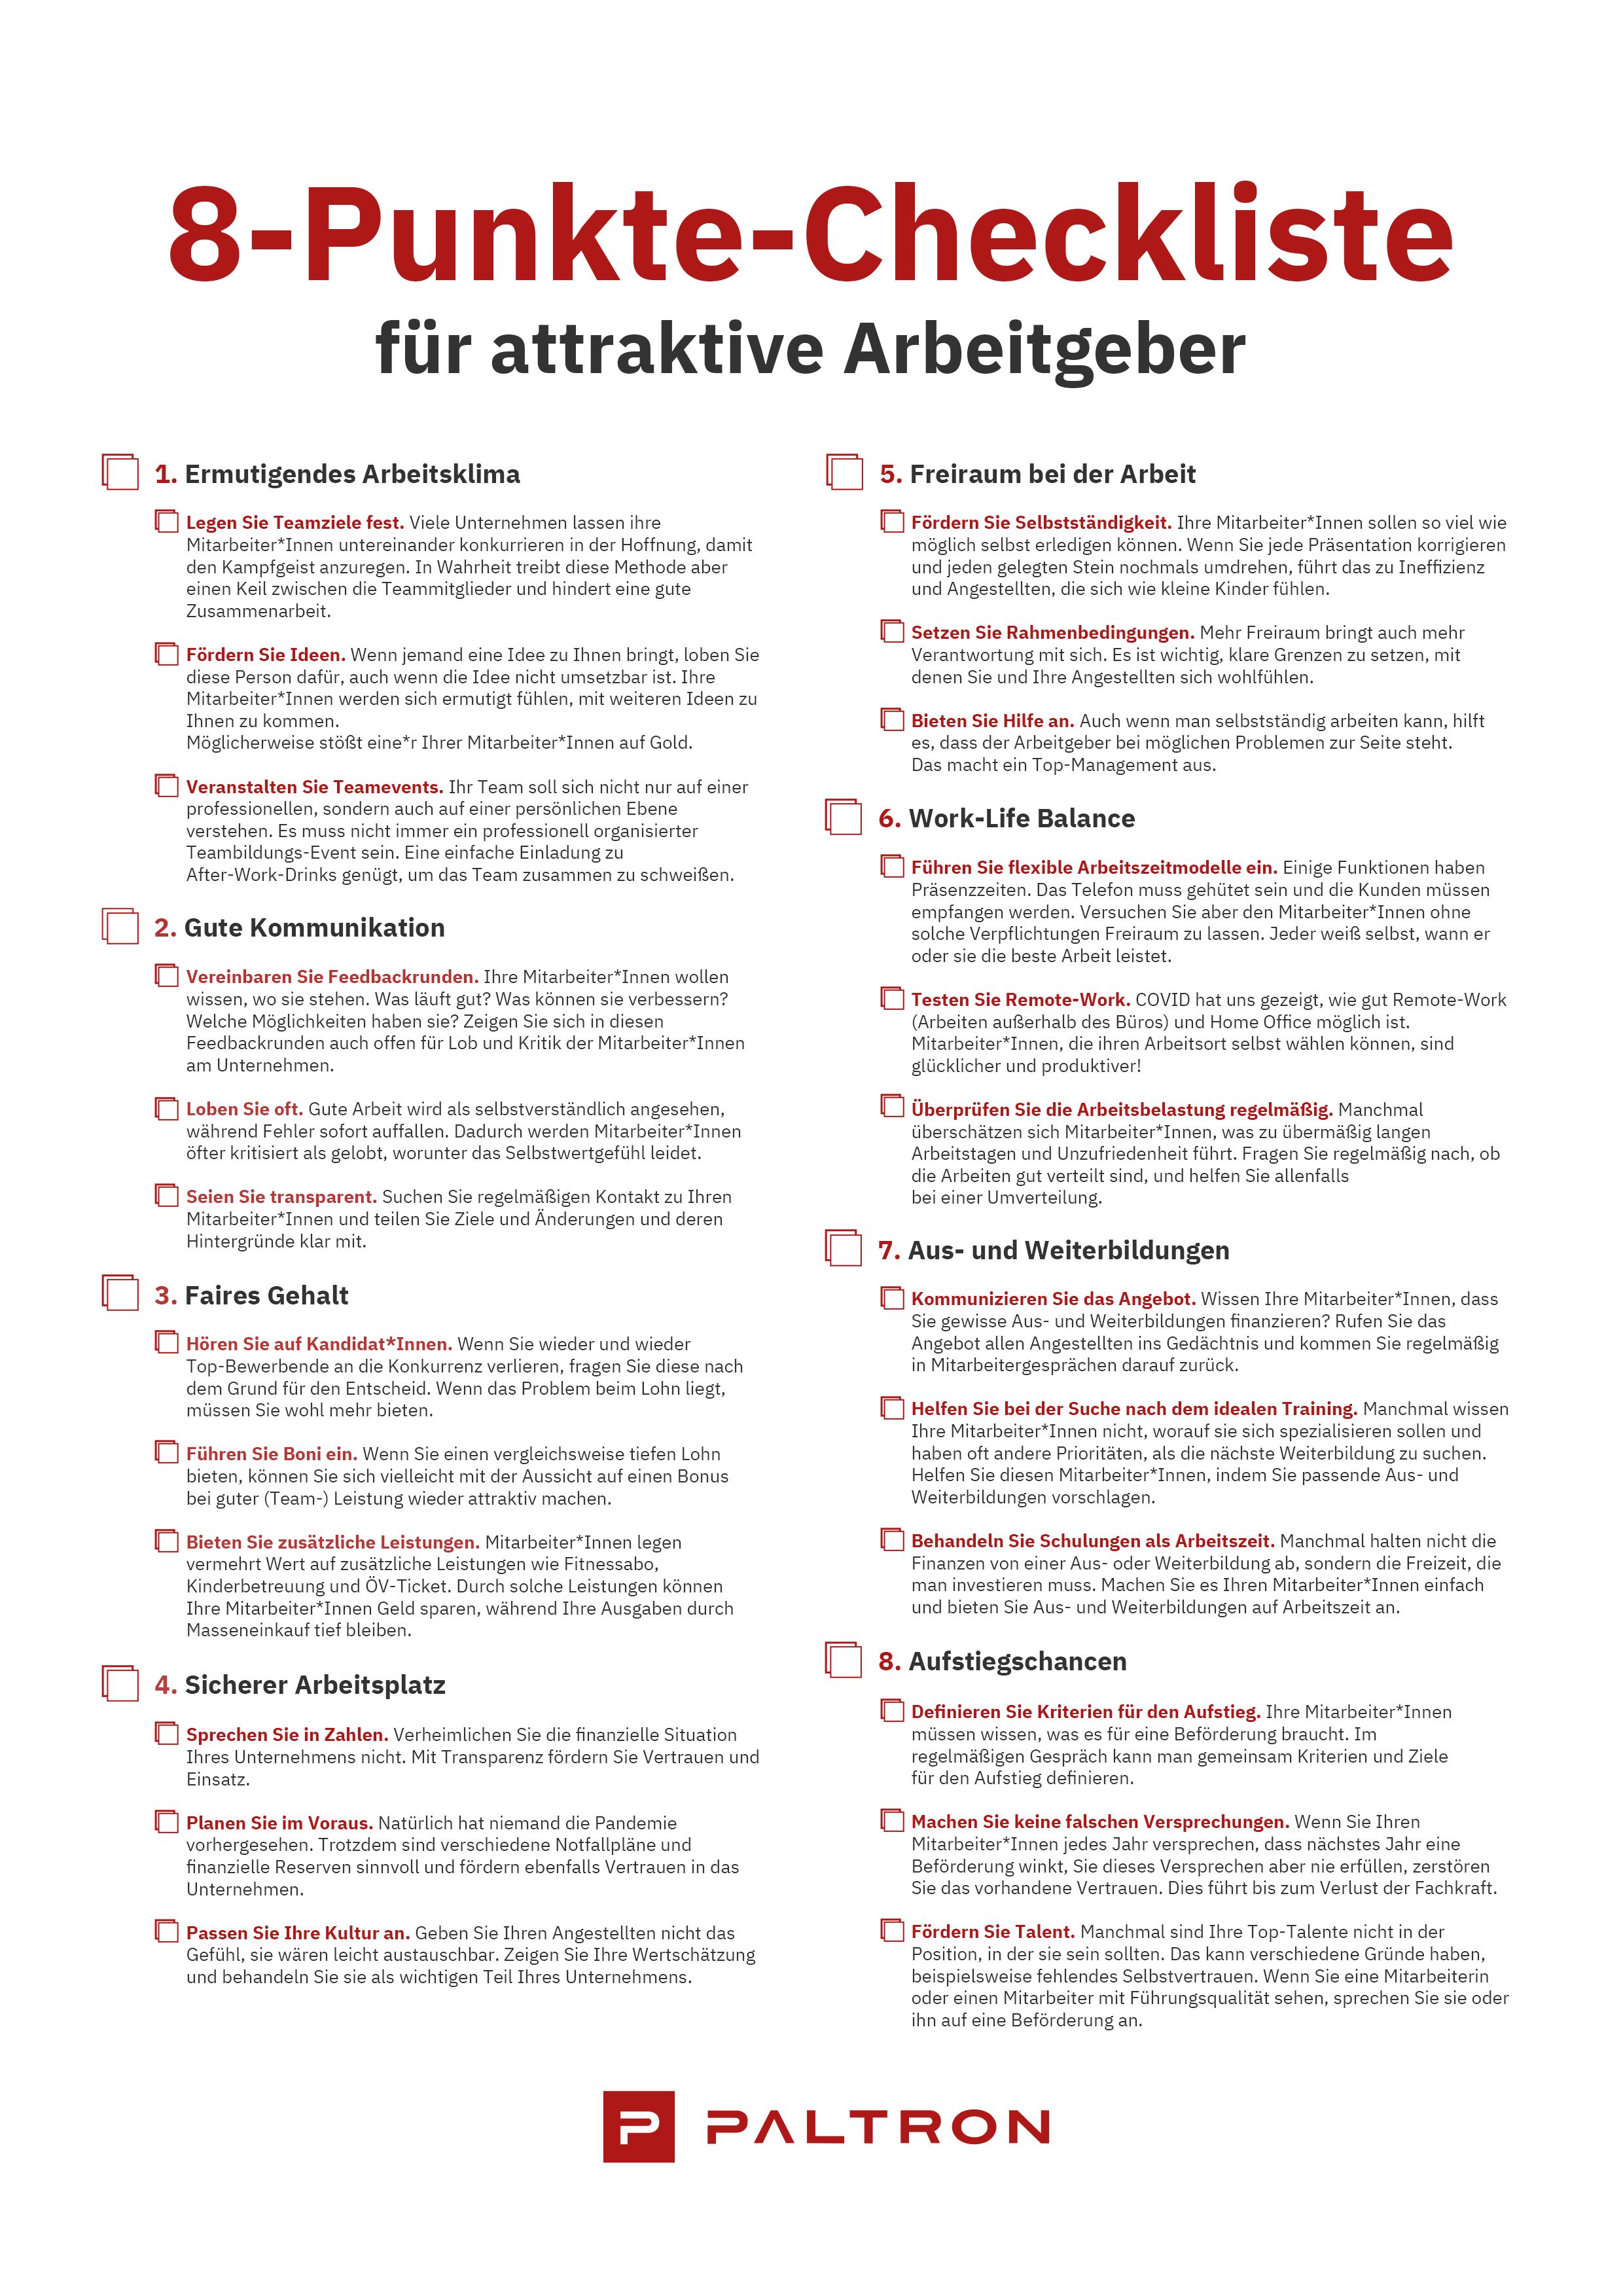 8-Punkte Checkliste für attraktive Arbeitgeber